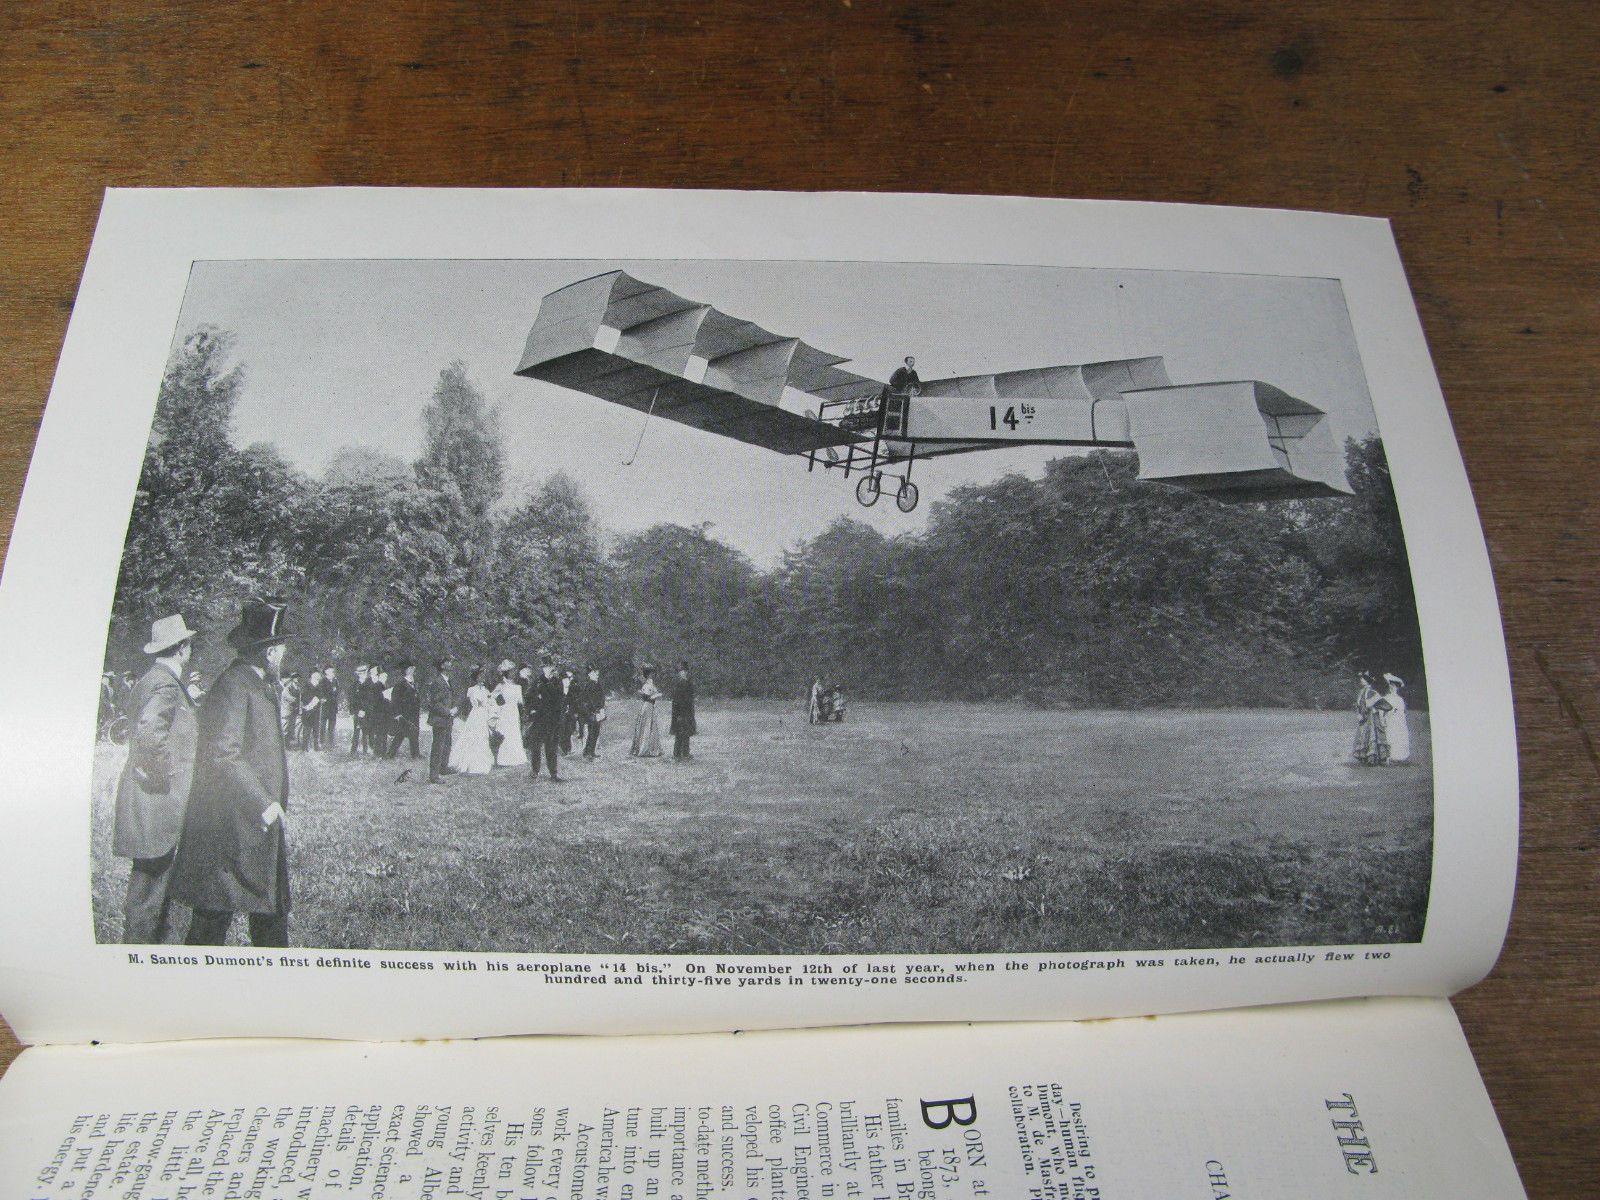 frys outdoor magazine 1907 santos dumont aviation interest 524 | eBay